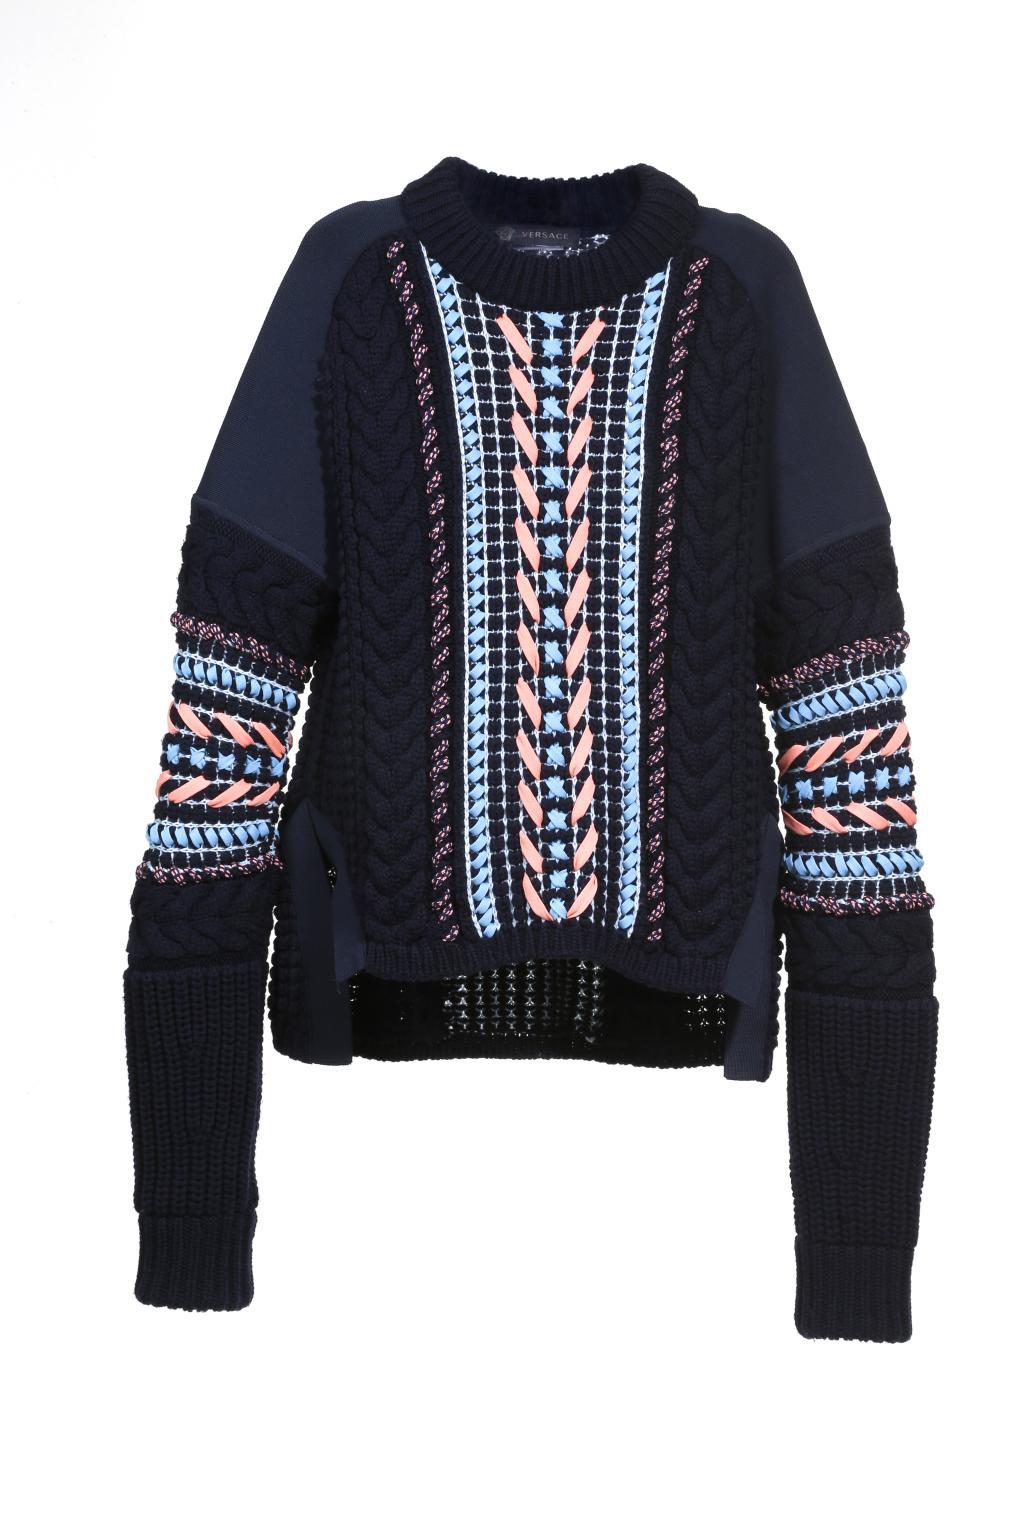 Модный черный свитер с вязаными вставками из кос свитер тренд сезона из коллекции Versace.